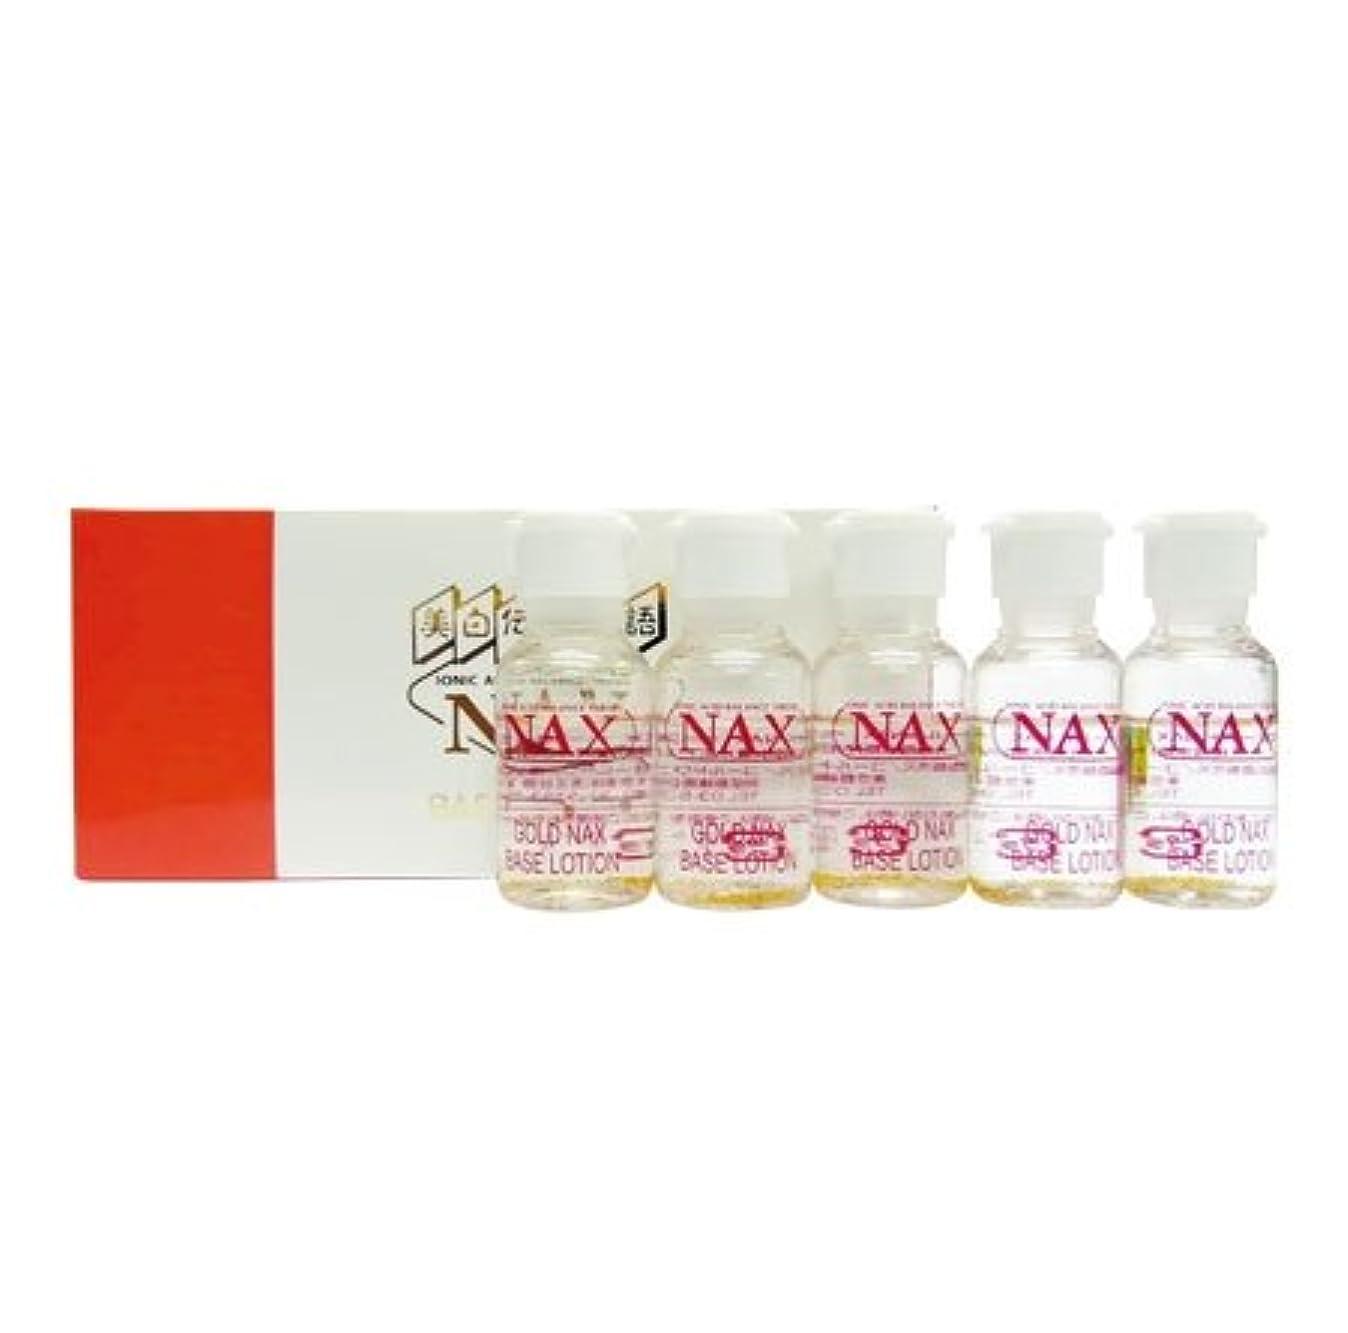 ゴールドコスメ NAX ベースローション 化粧水 超敏感肌用 12.5ml×5本